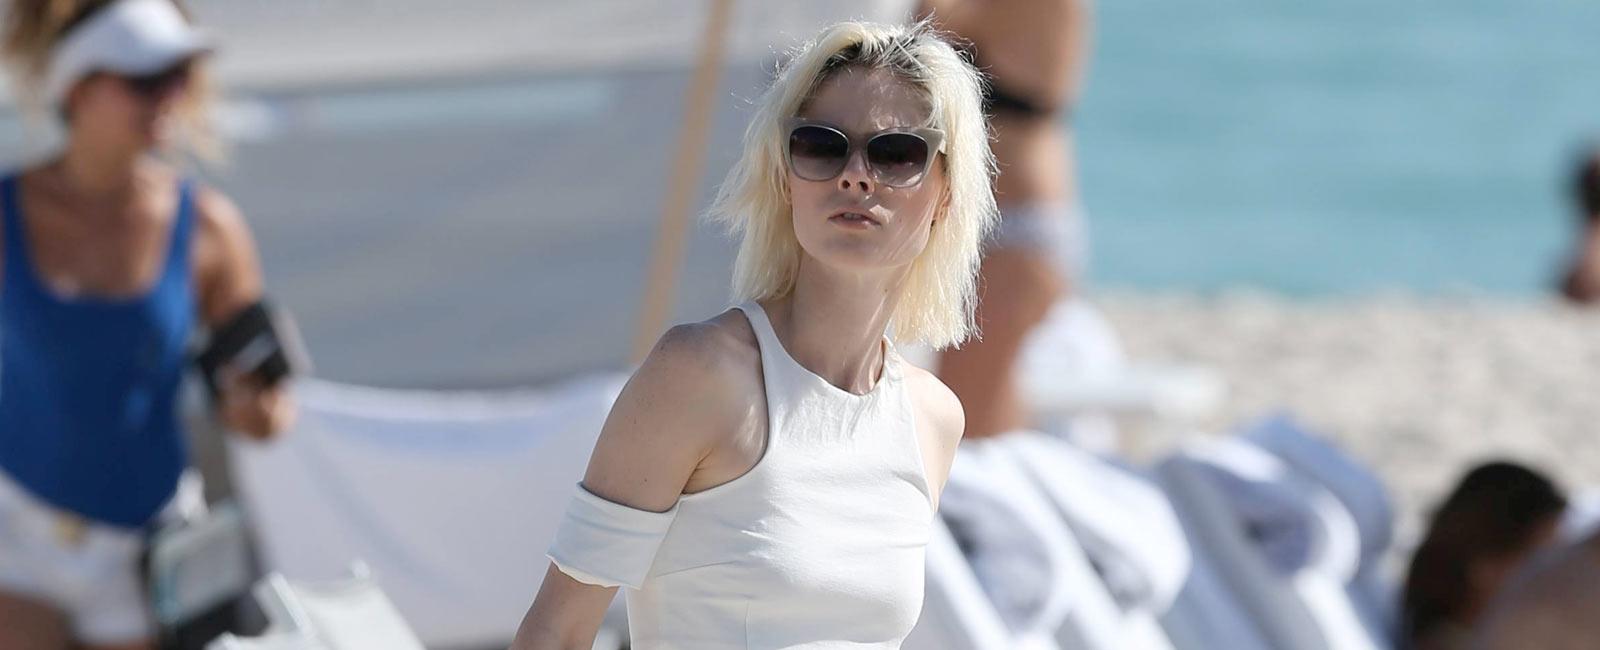 Coco Rocha vacaciones con su hija Ioni James en Miami